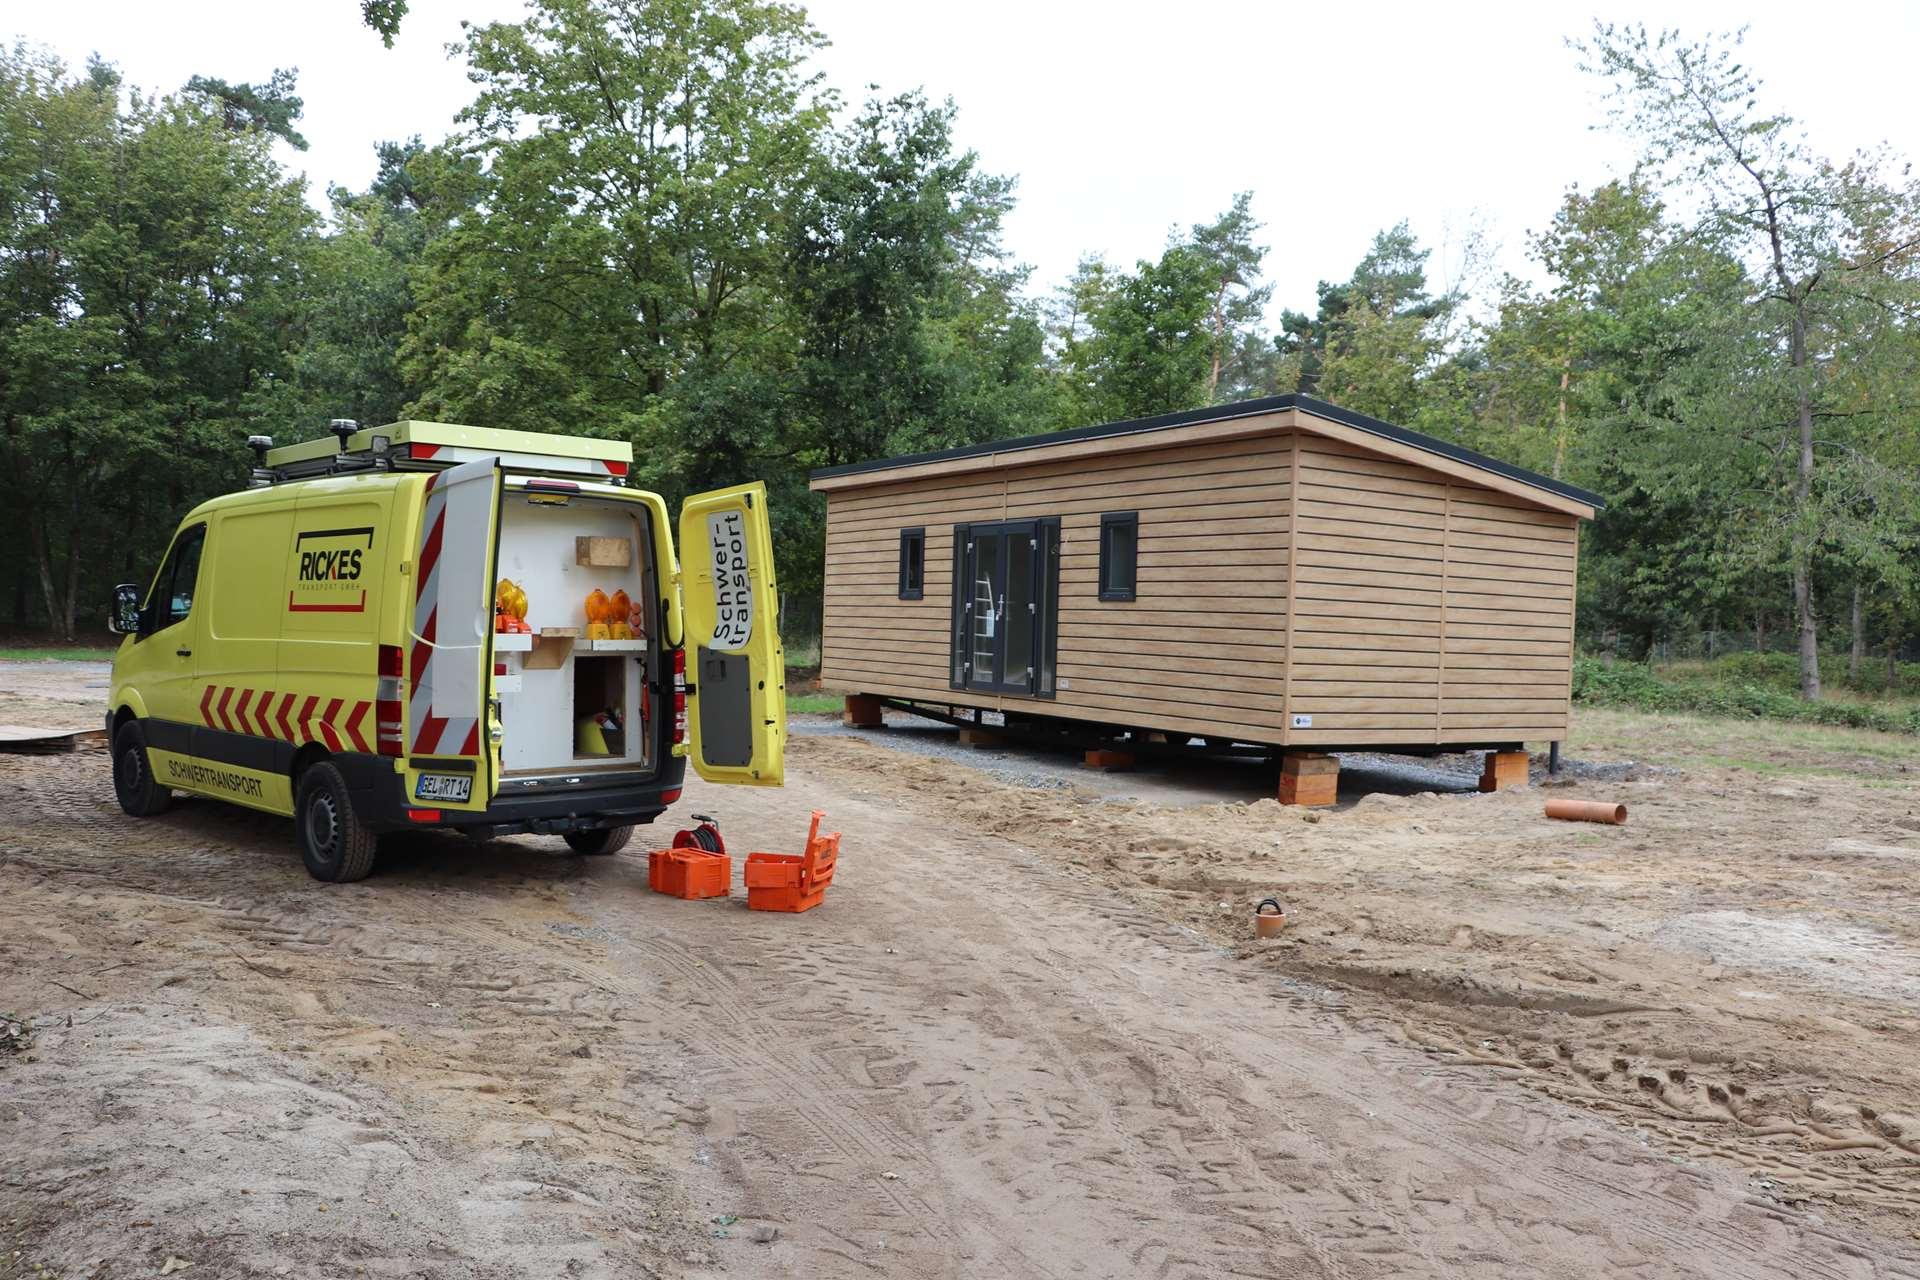 Rickes-Transport-Mobilheim-Entladen-und-Aufstellen-auf-dem-Campingplatz-Bodenbeschaffenheit